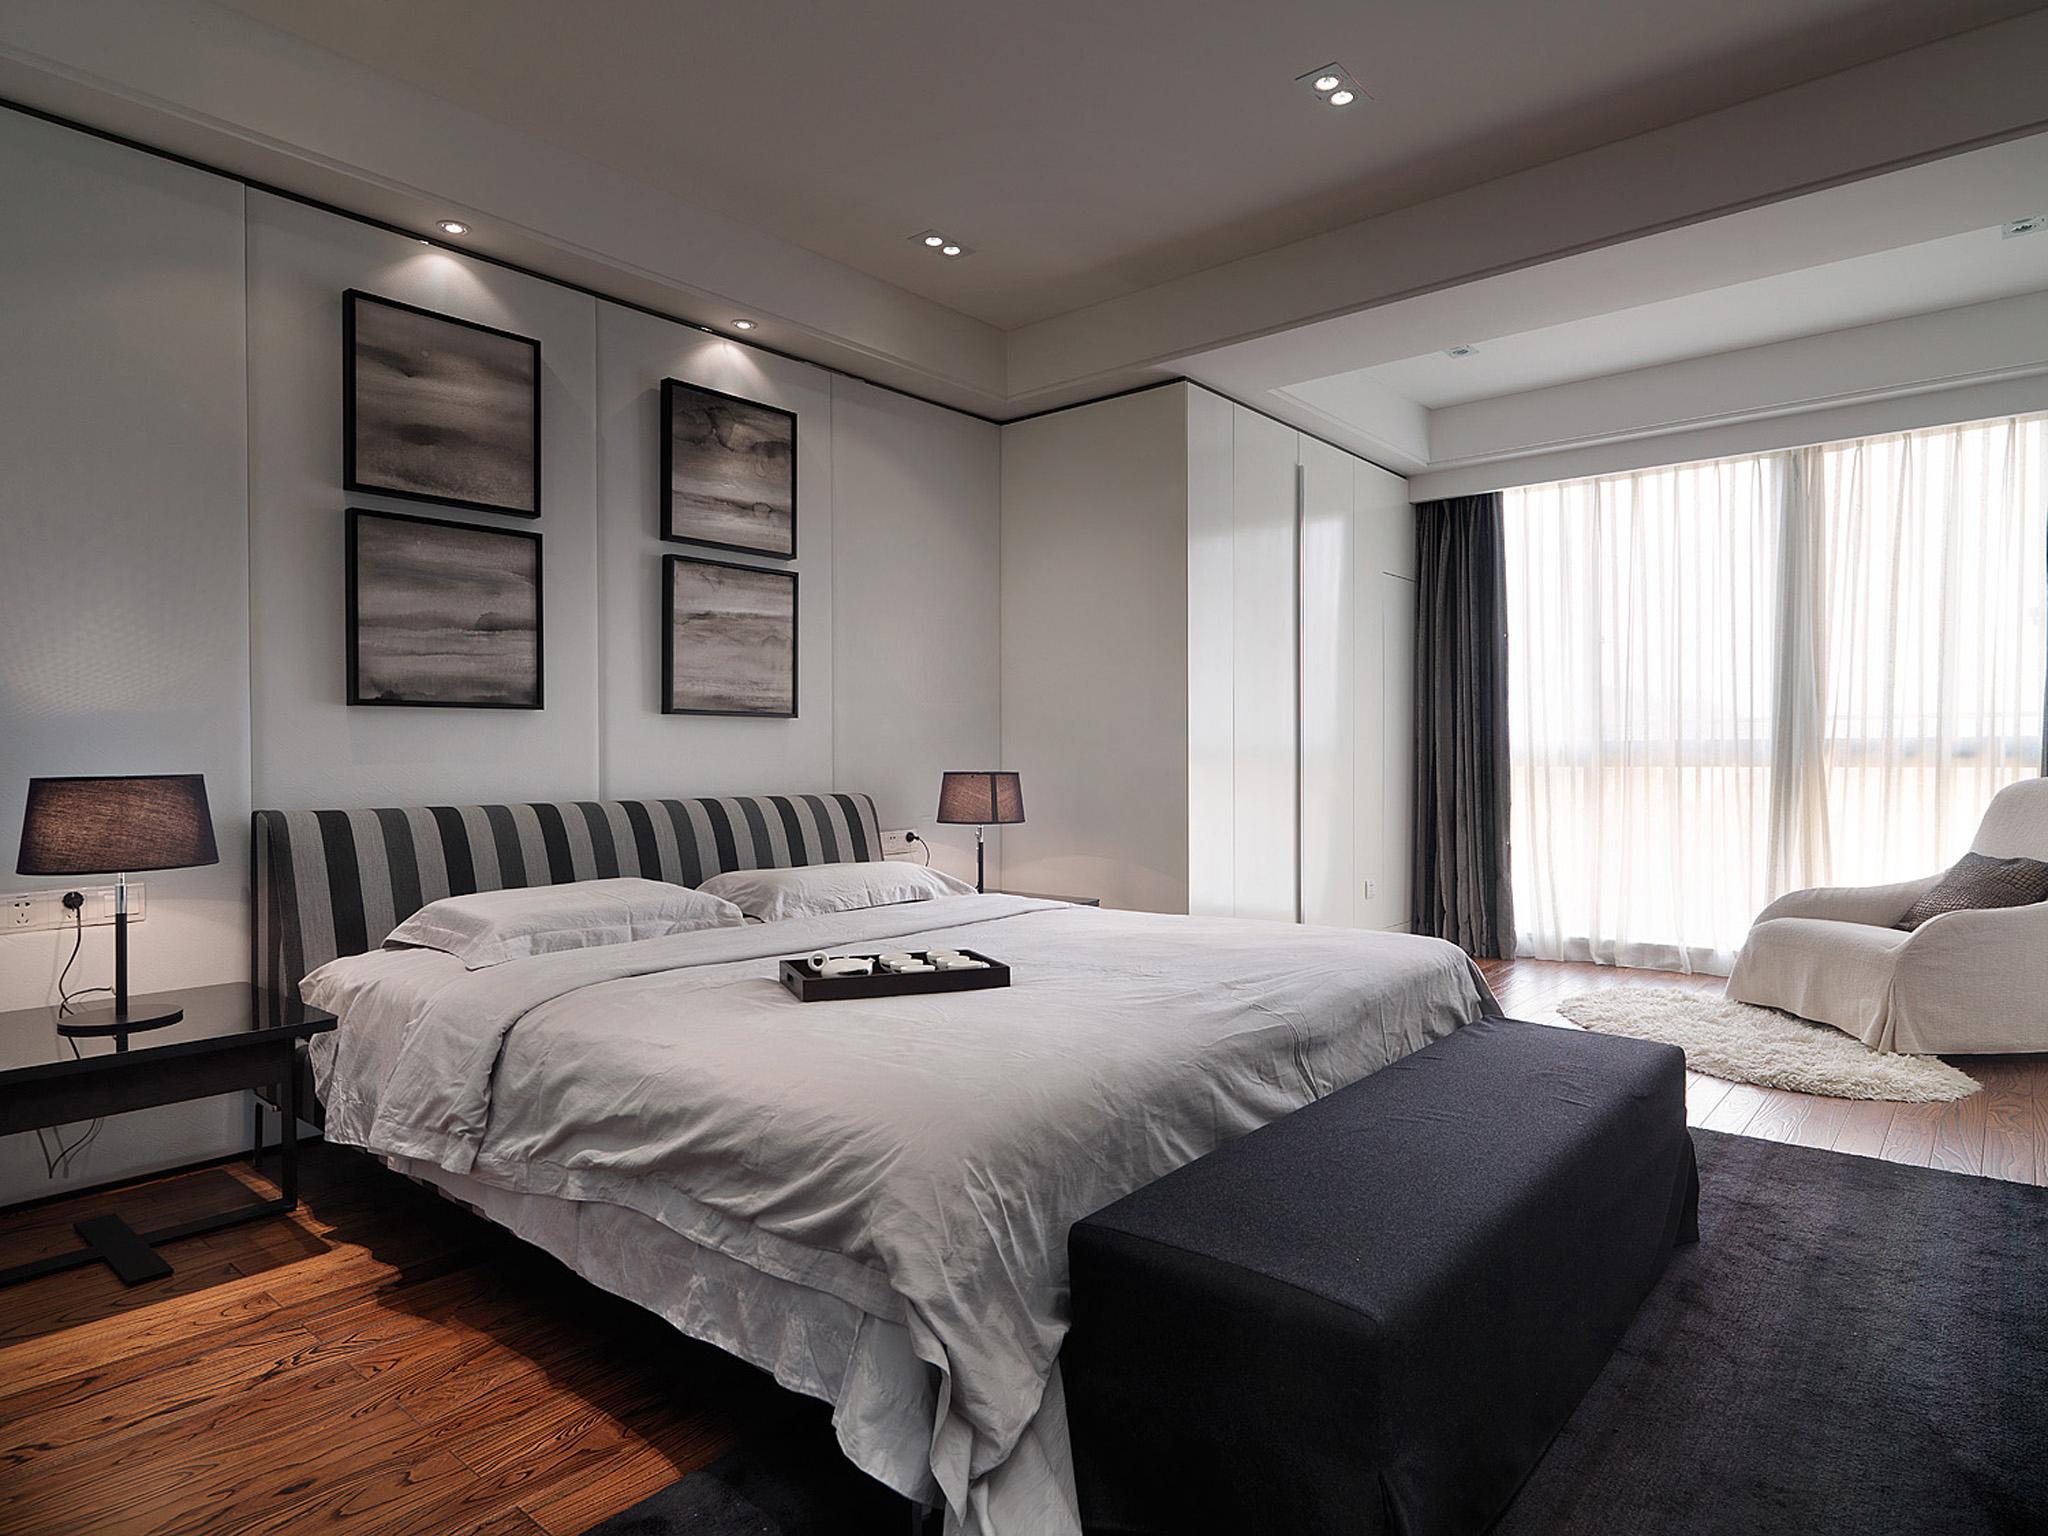 卧室中没有过于复杂的造型一切以舒适为主。灯光的设计省去了刺眼的主光源,取而代之的是光线柔和的辅助光源,使主人进入卧室心情更加平和适于入眠。在设计中也体现了构成当中点线面的运用。